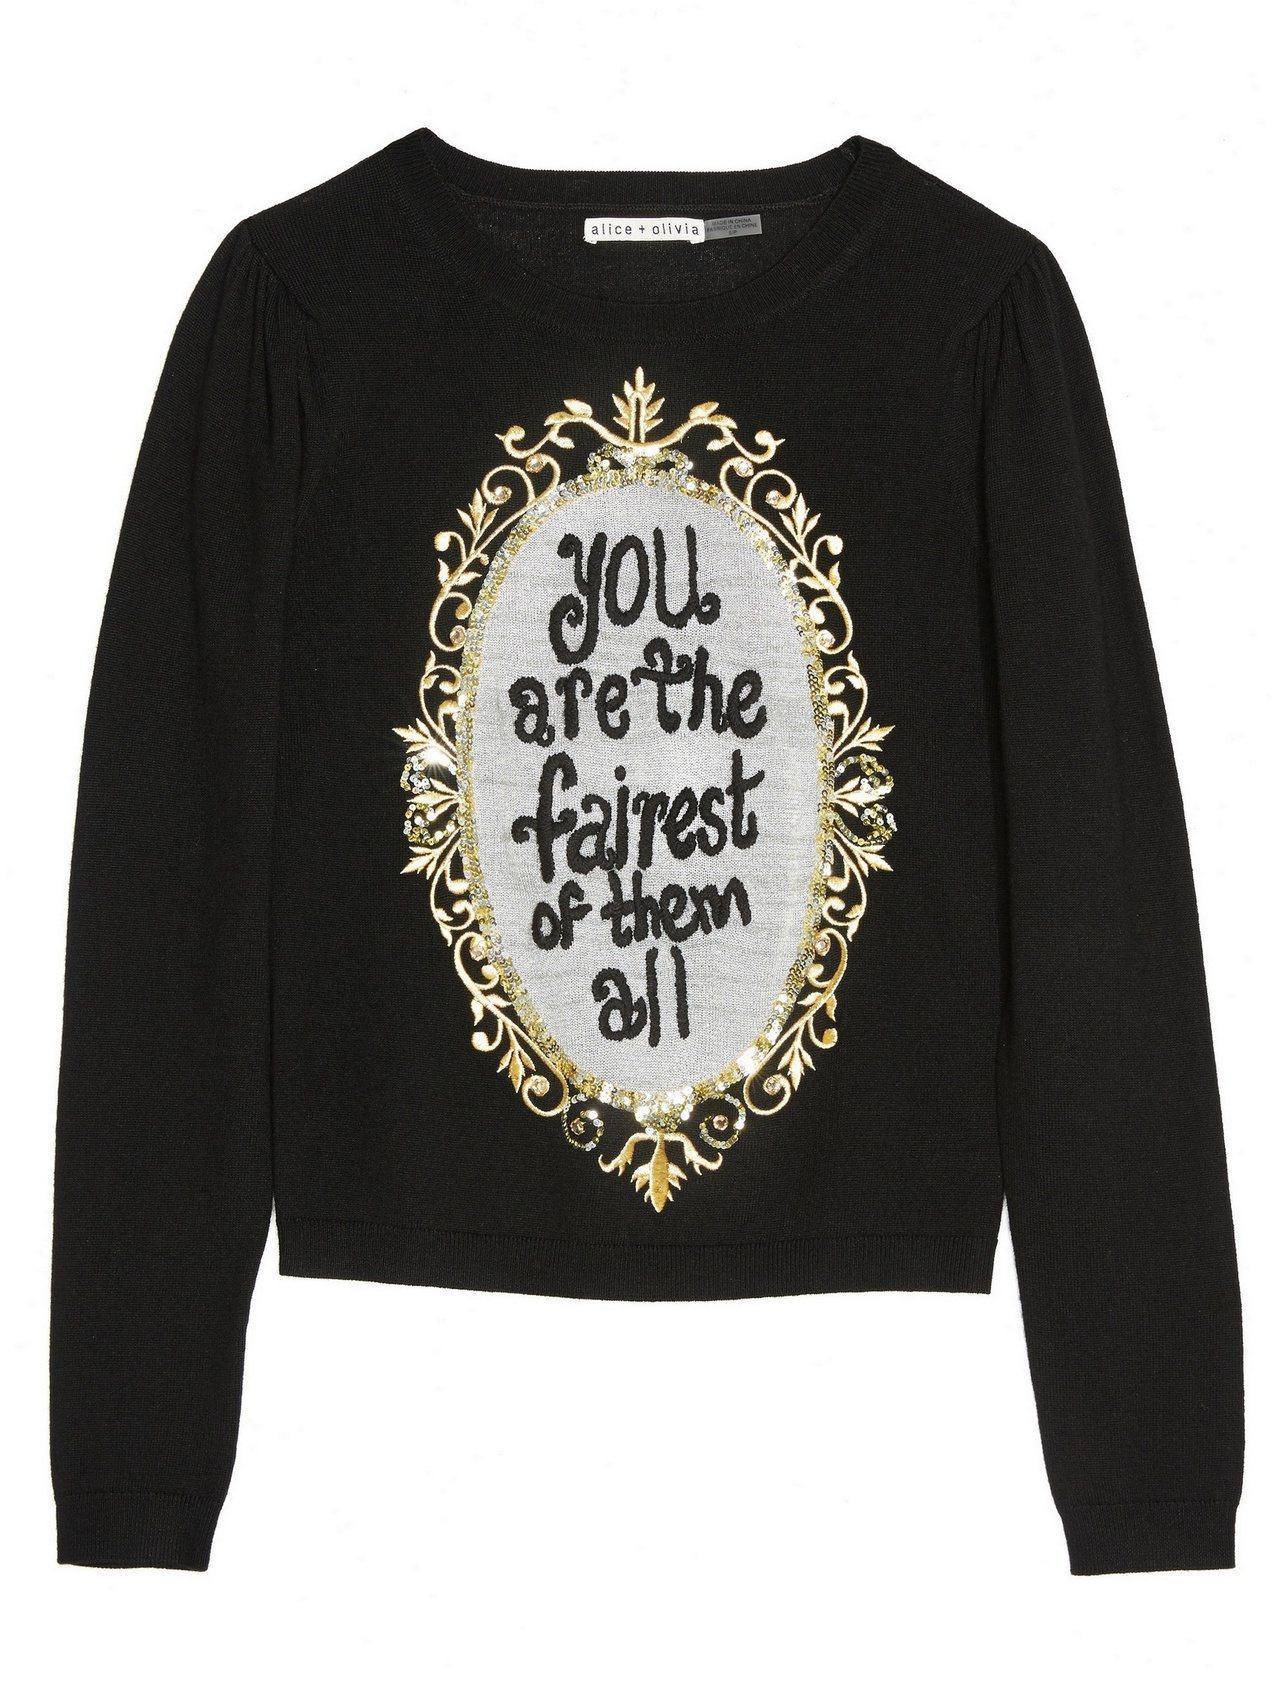 魔境圖案刺繡毛衣,17,500元。圖/alice+olivia提供